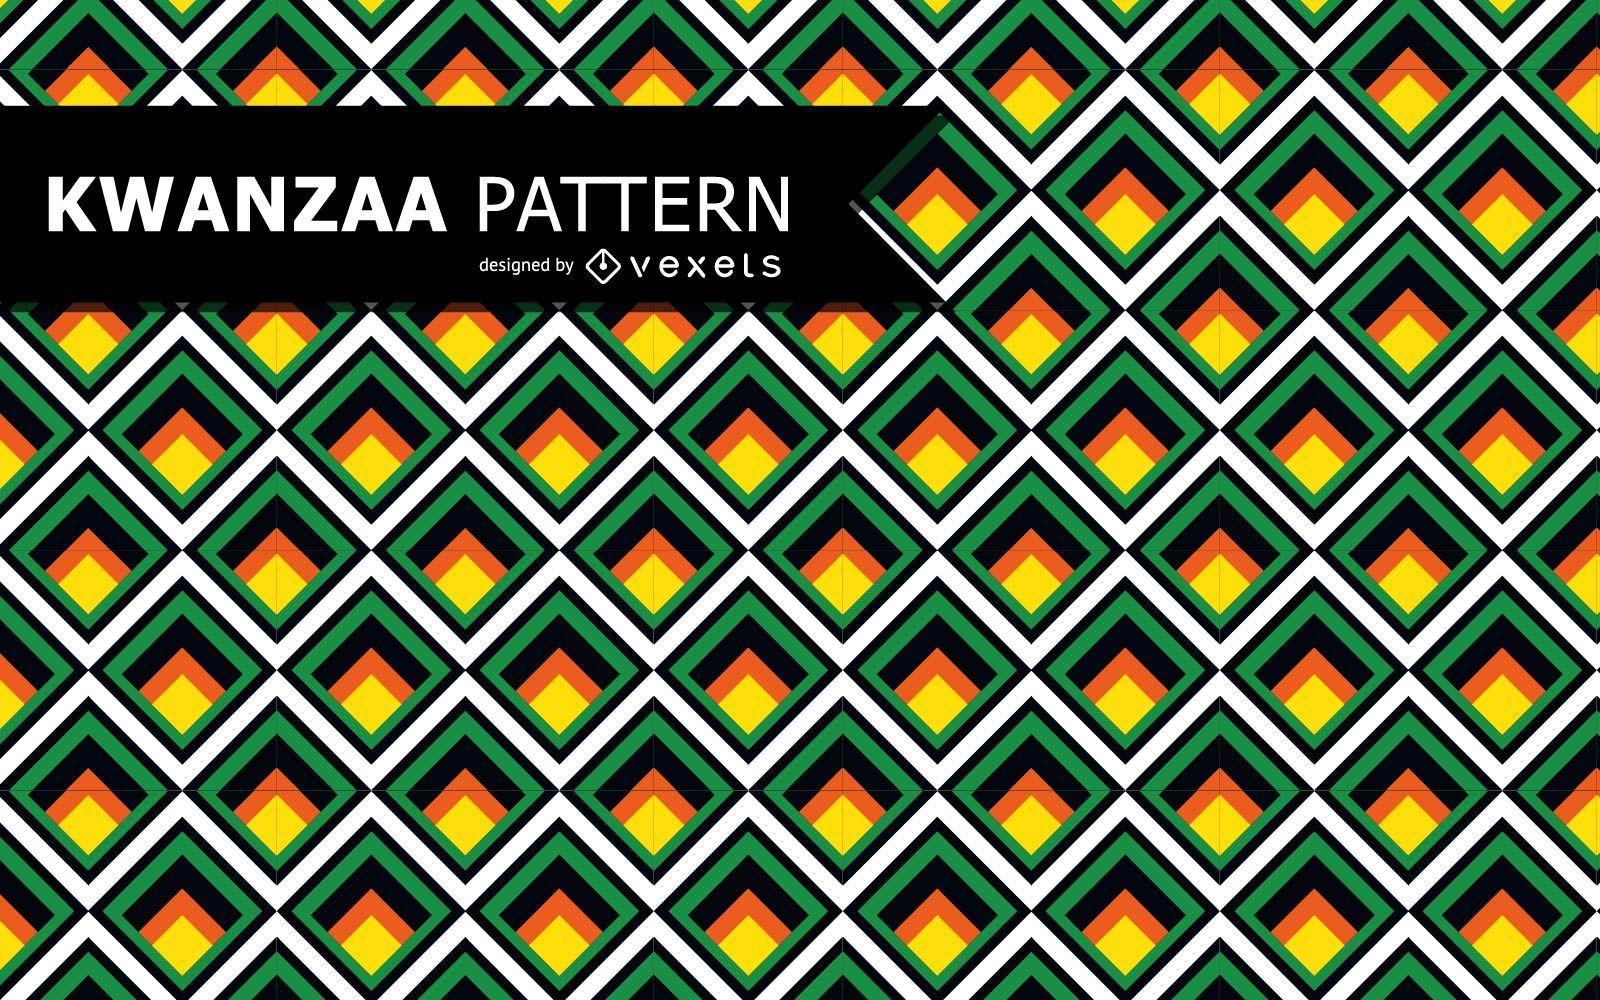 Patrón de Kwanzaa geométrico colorido